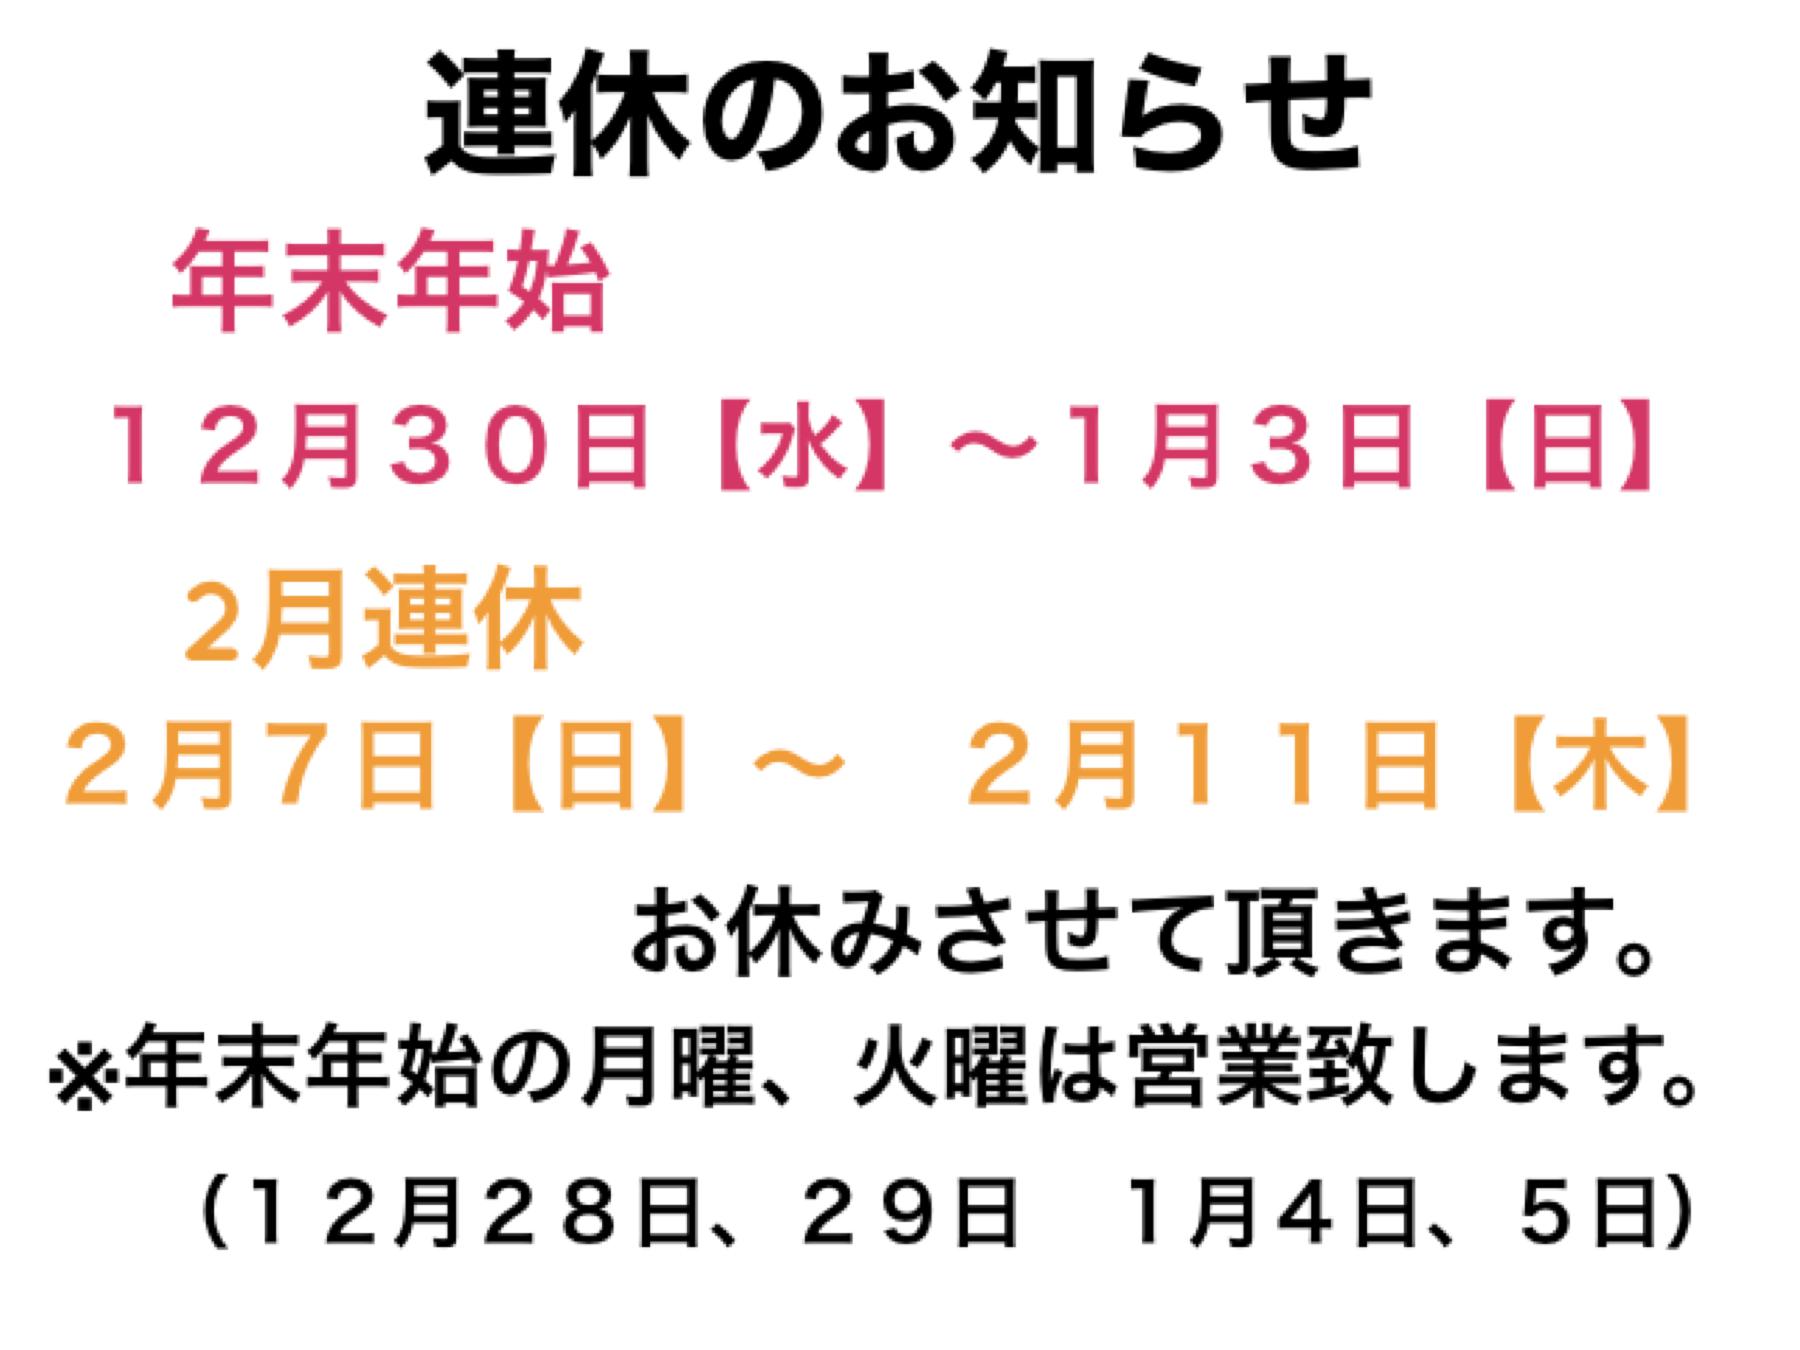 821310F1-16AF-47C7-997F-04E760E03262